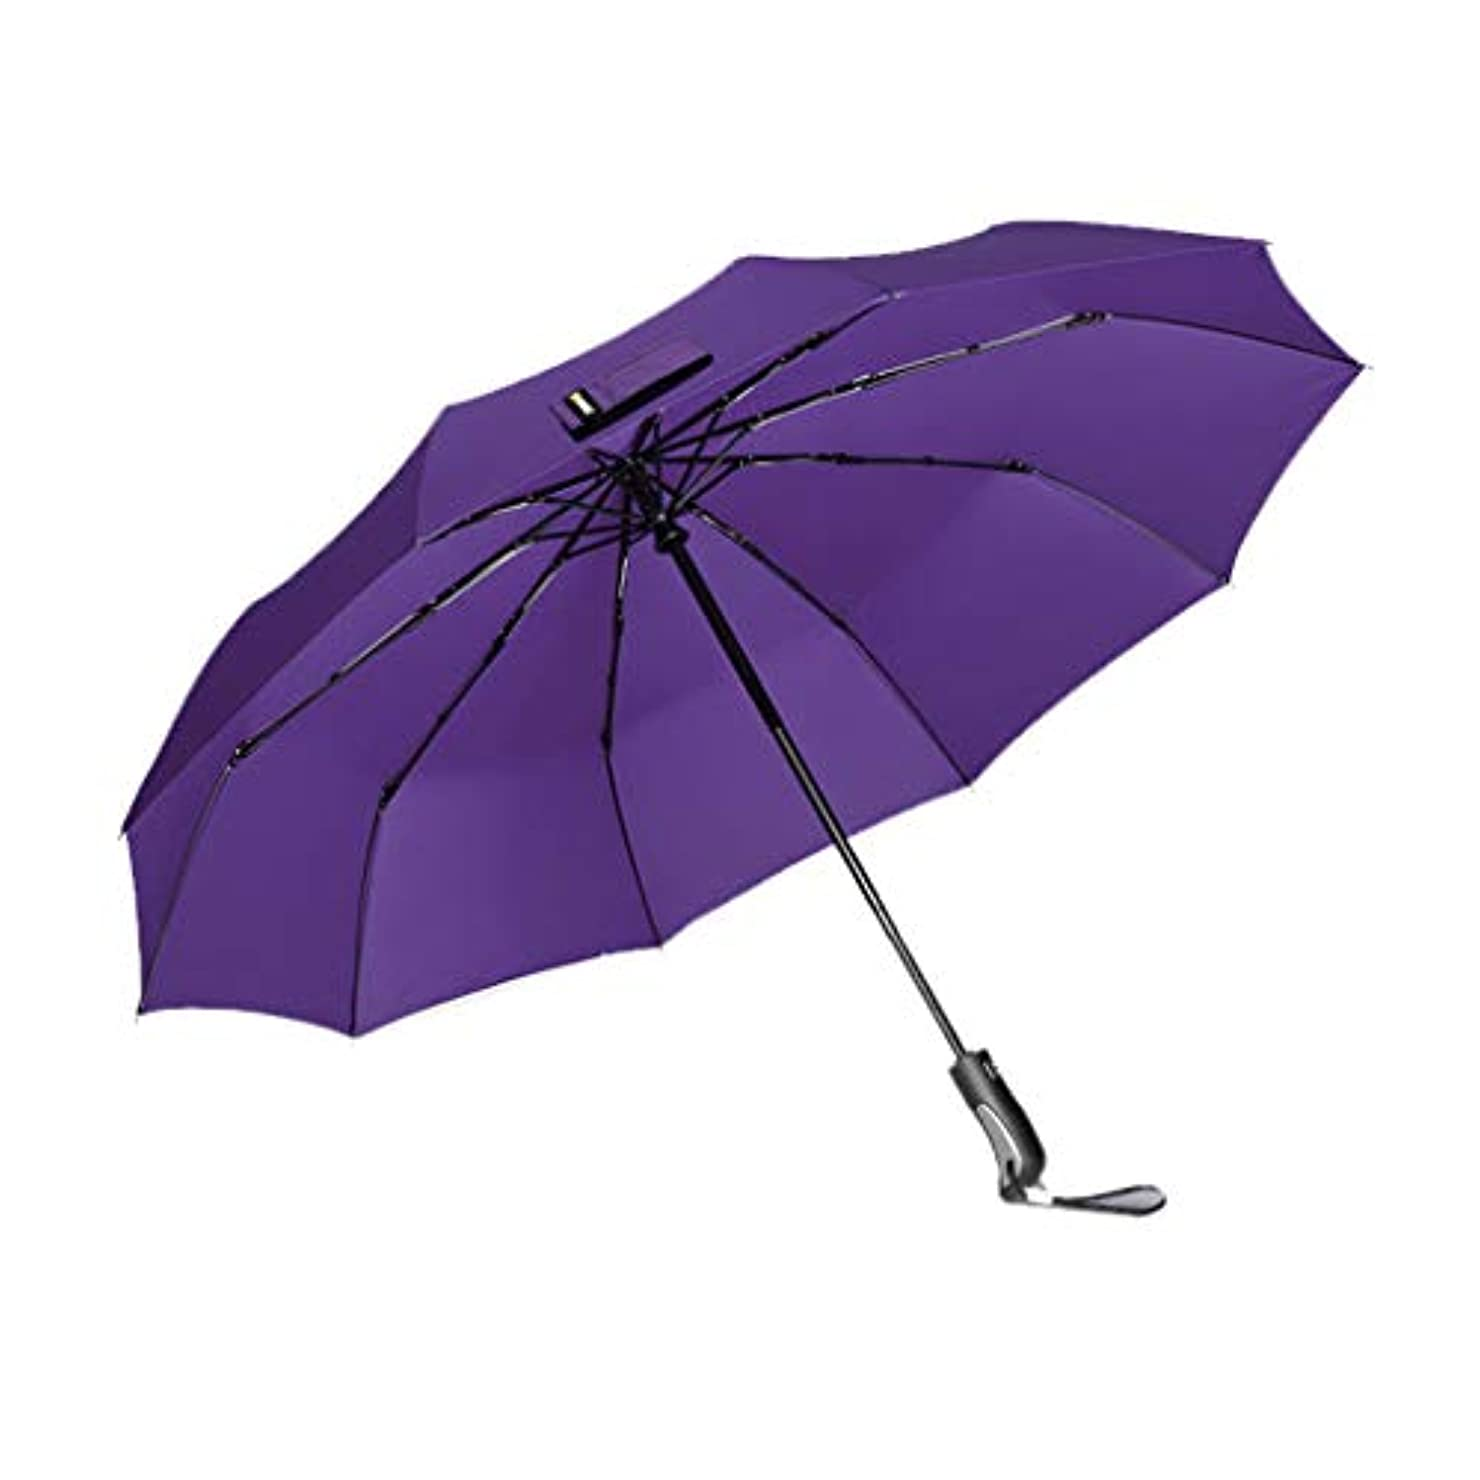 シャーロットブロンテホステル親指完全自動二重使用三つ折り大型強化フォールドインパクトクロス傘 (Color : Purple)